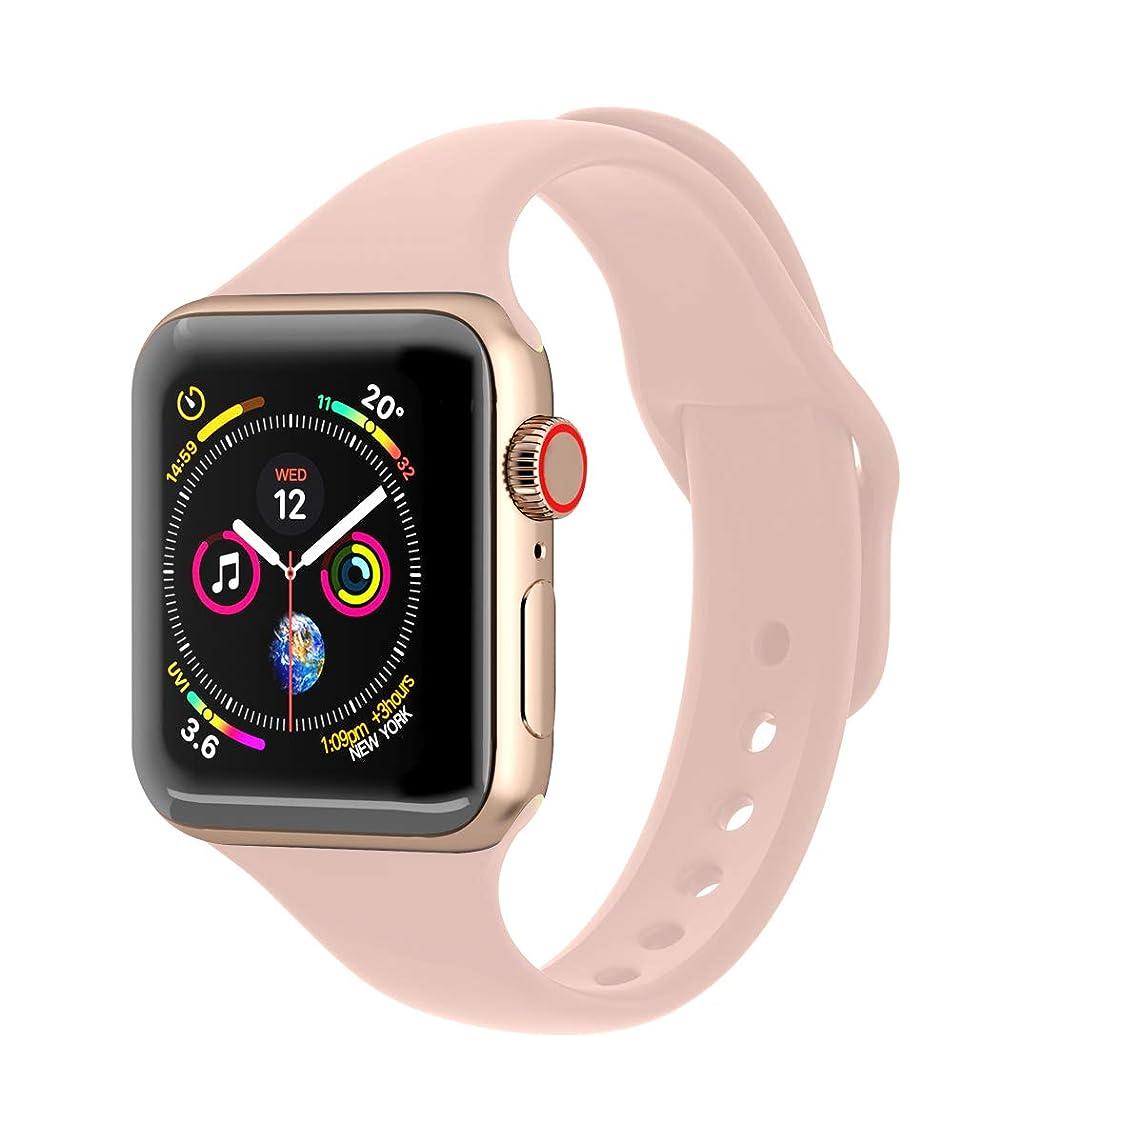 最小黒組み合わせるUPPU Watch バンド 柔らかいシリコンスポーツリストバンド、互換 全Apple iwatch 38MM/40MM/42MM/44MM バンド 1、2、3、4、5世代対応